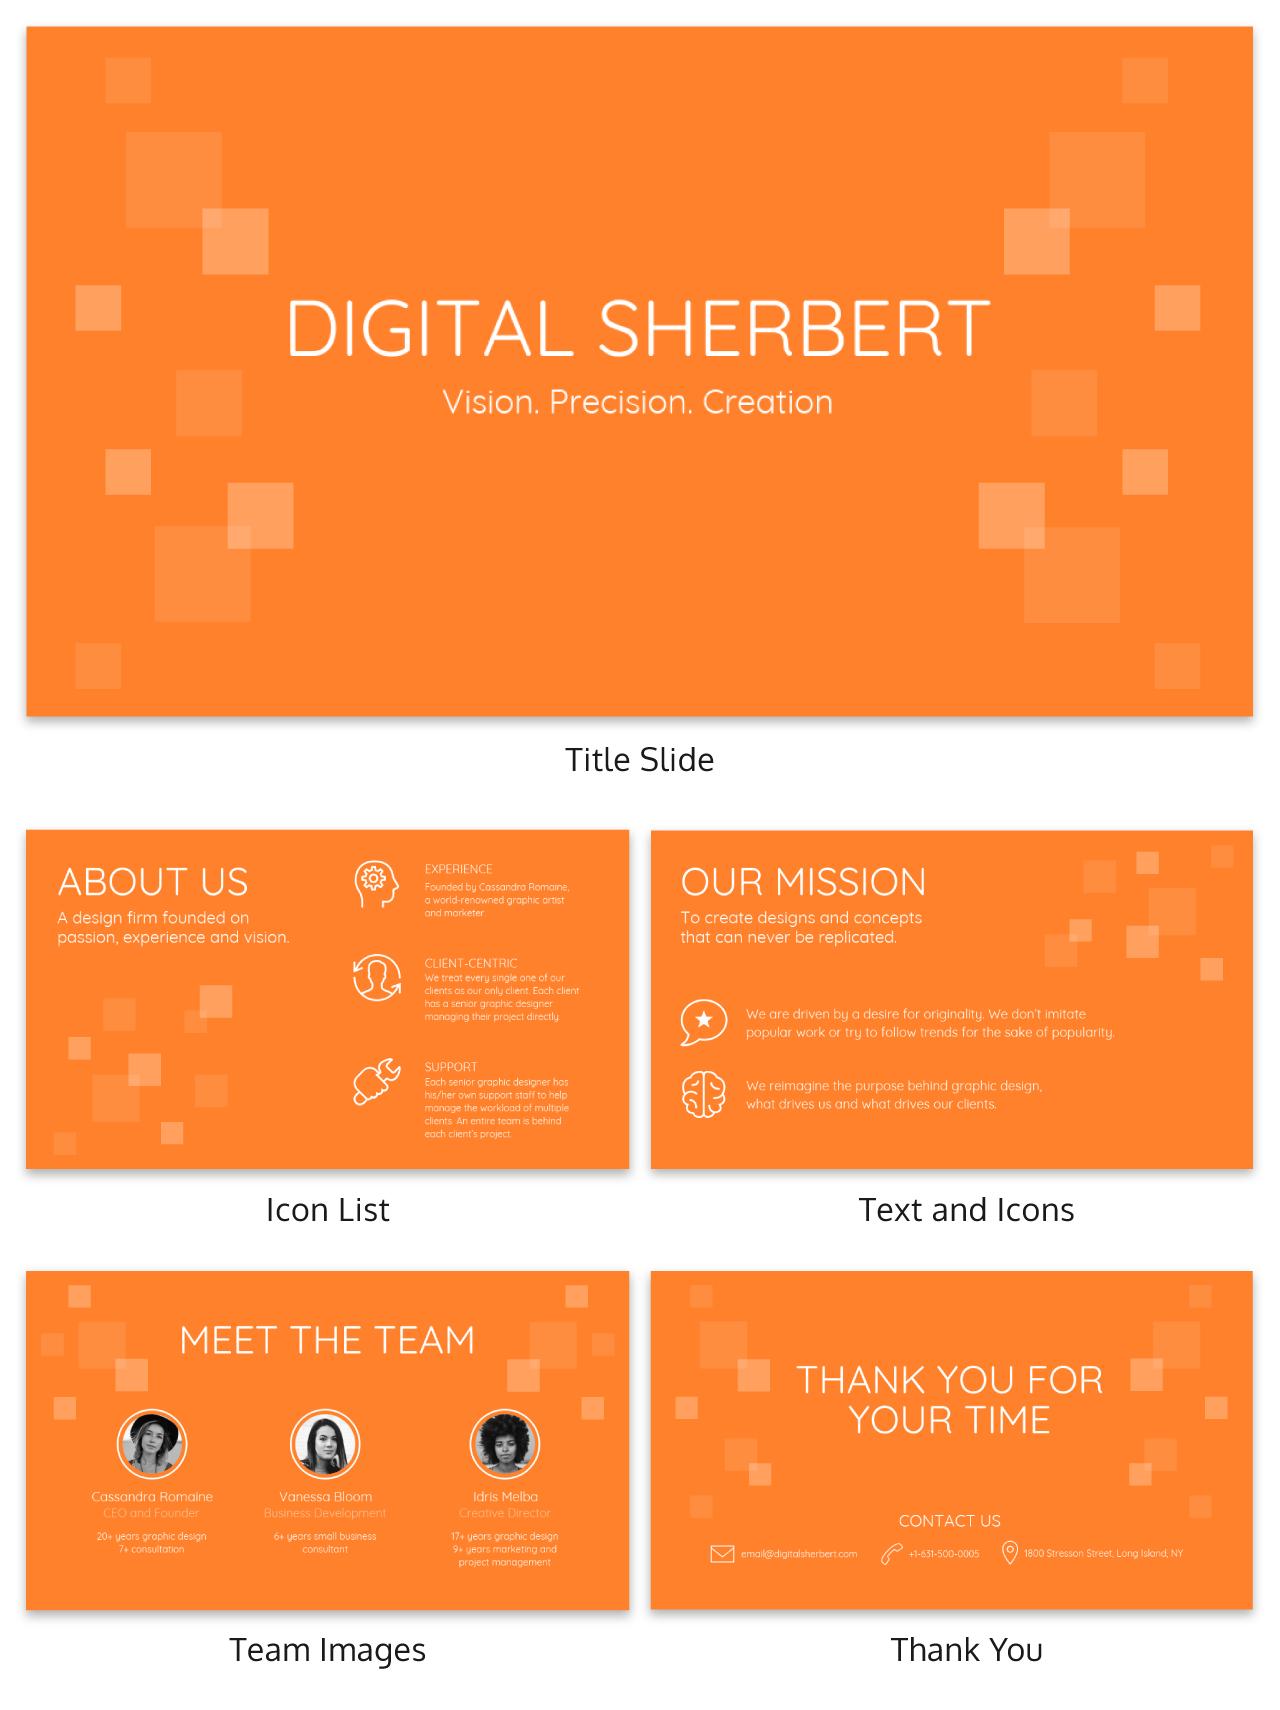 sherbert business presentation